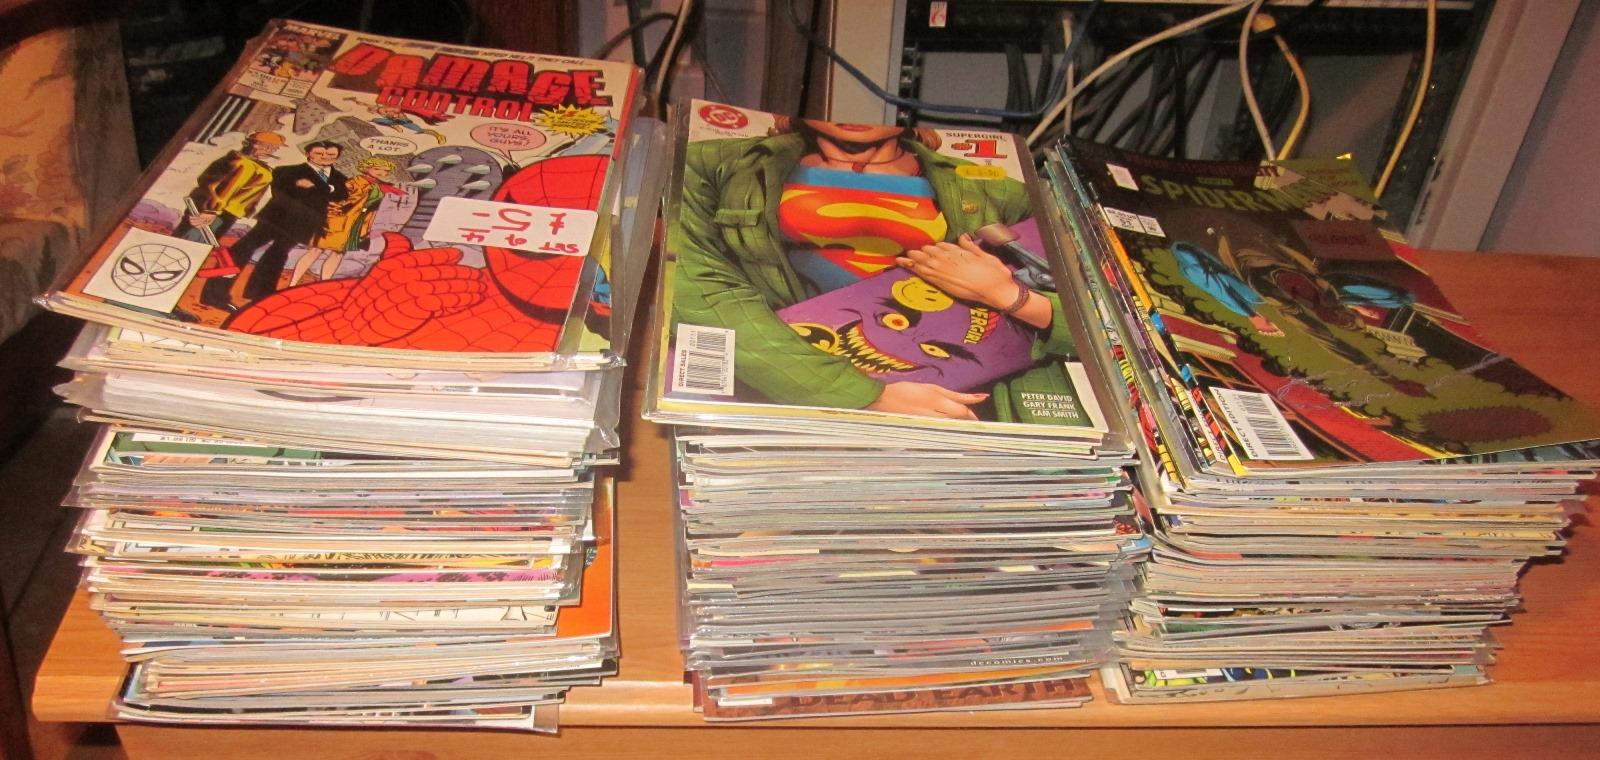 Piles of comics